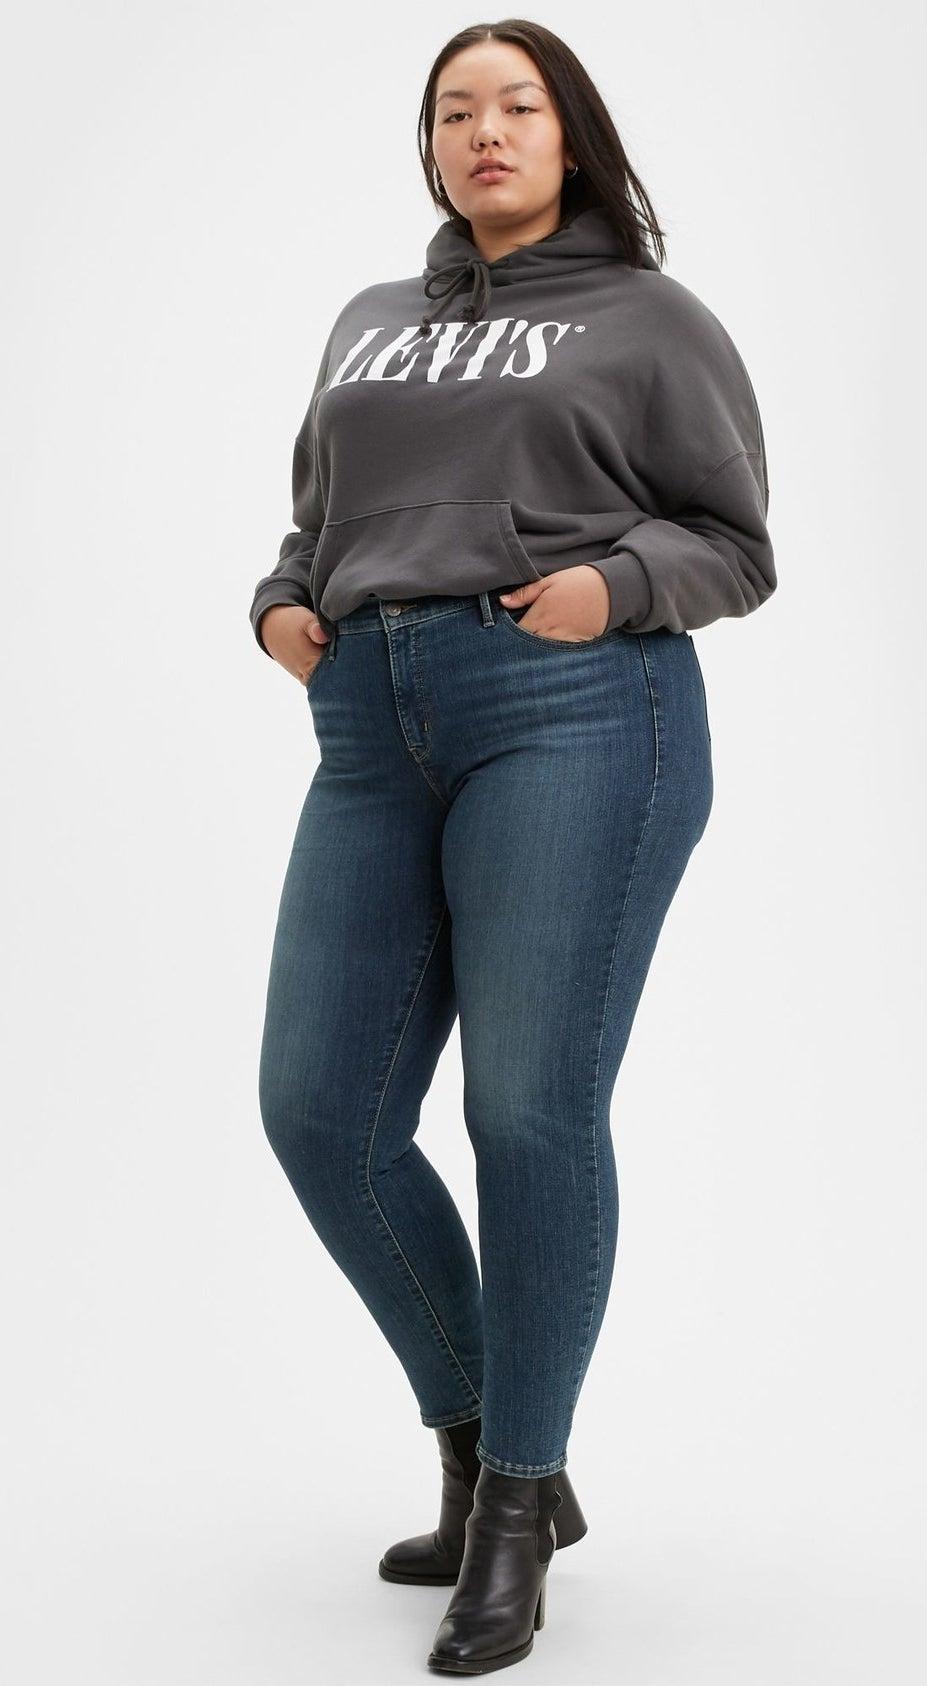 model wearing blue jeans, black booties, and gray hoodie